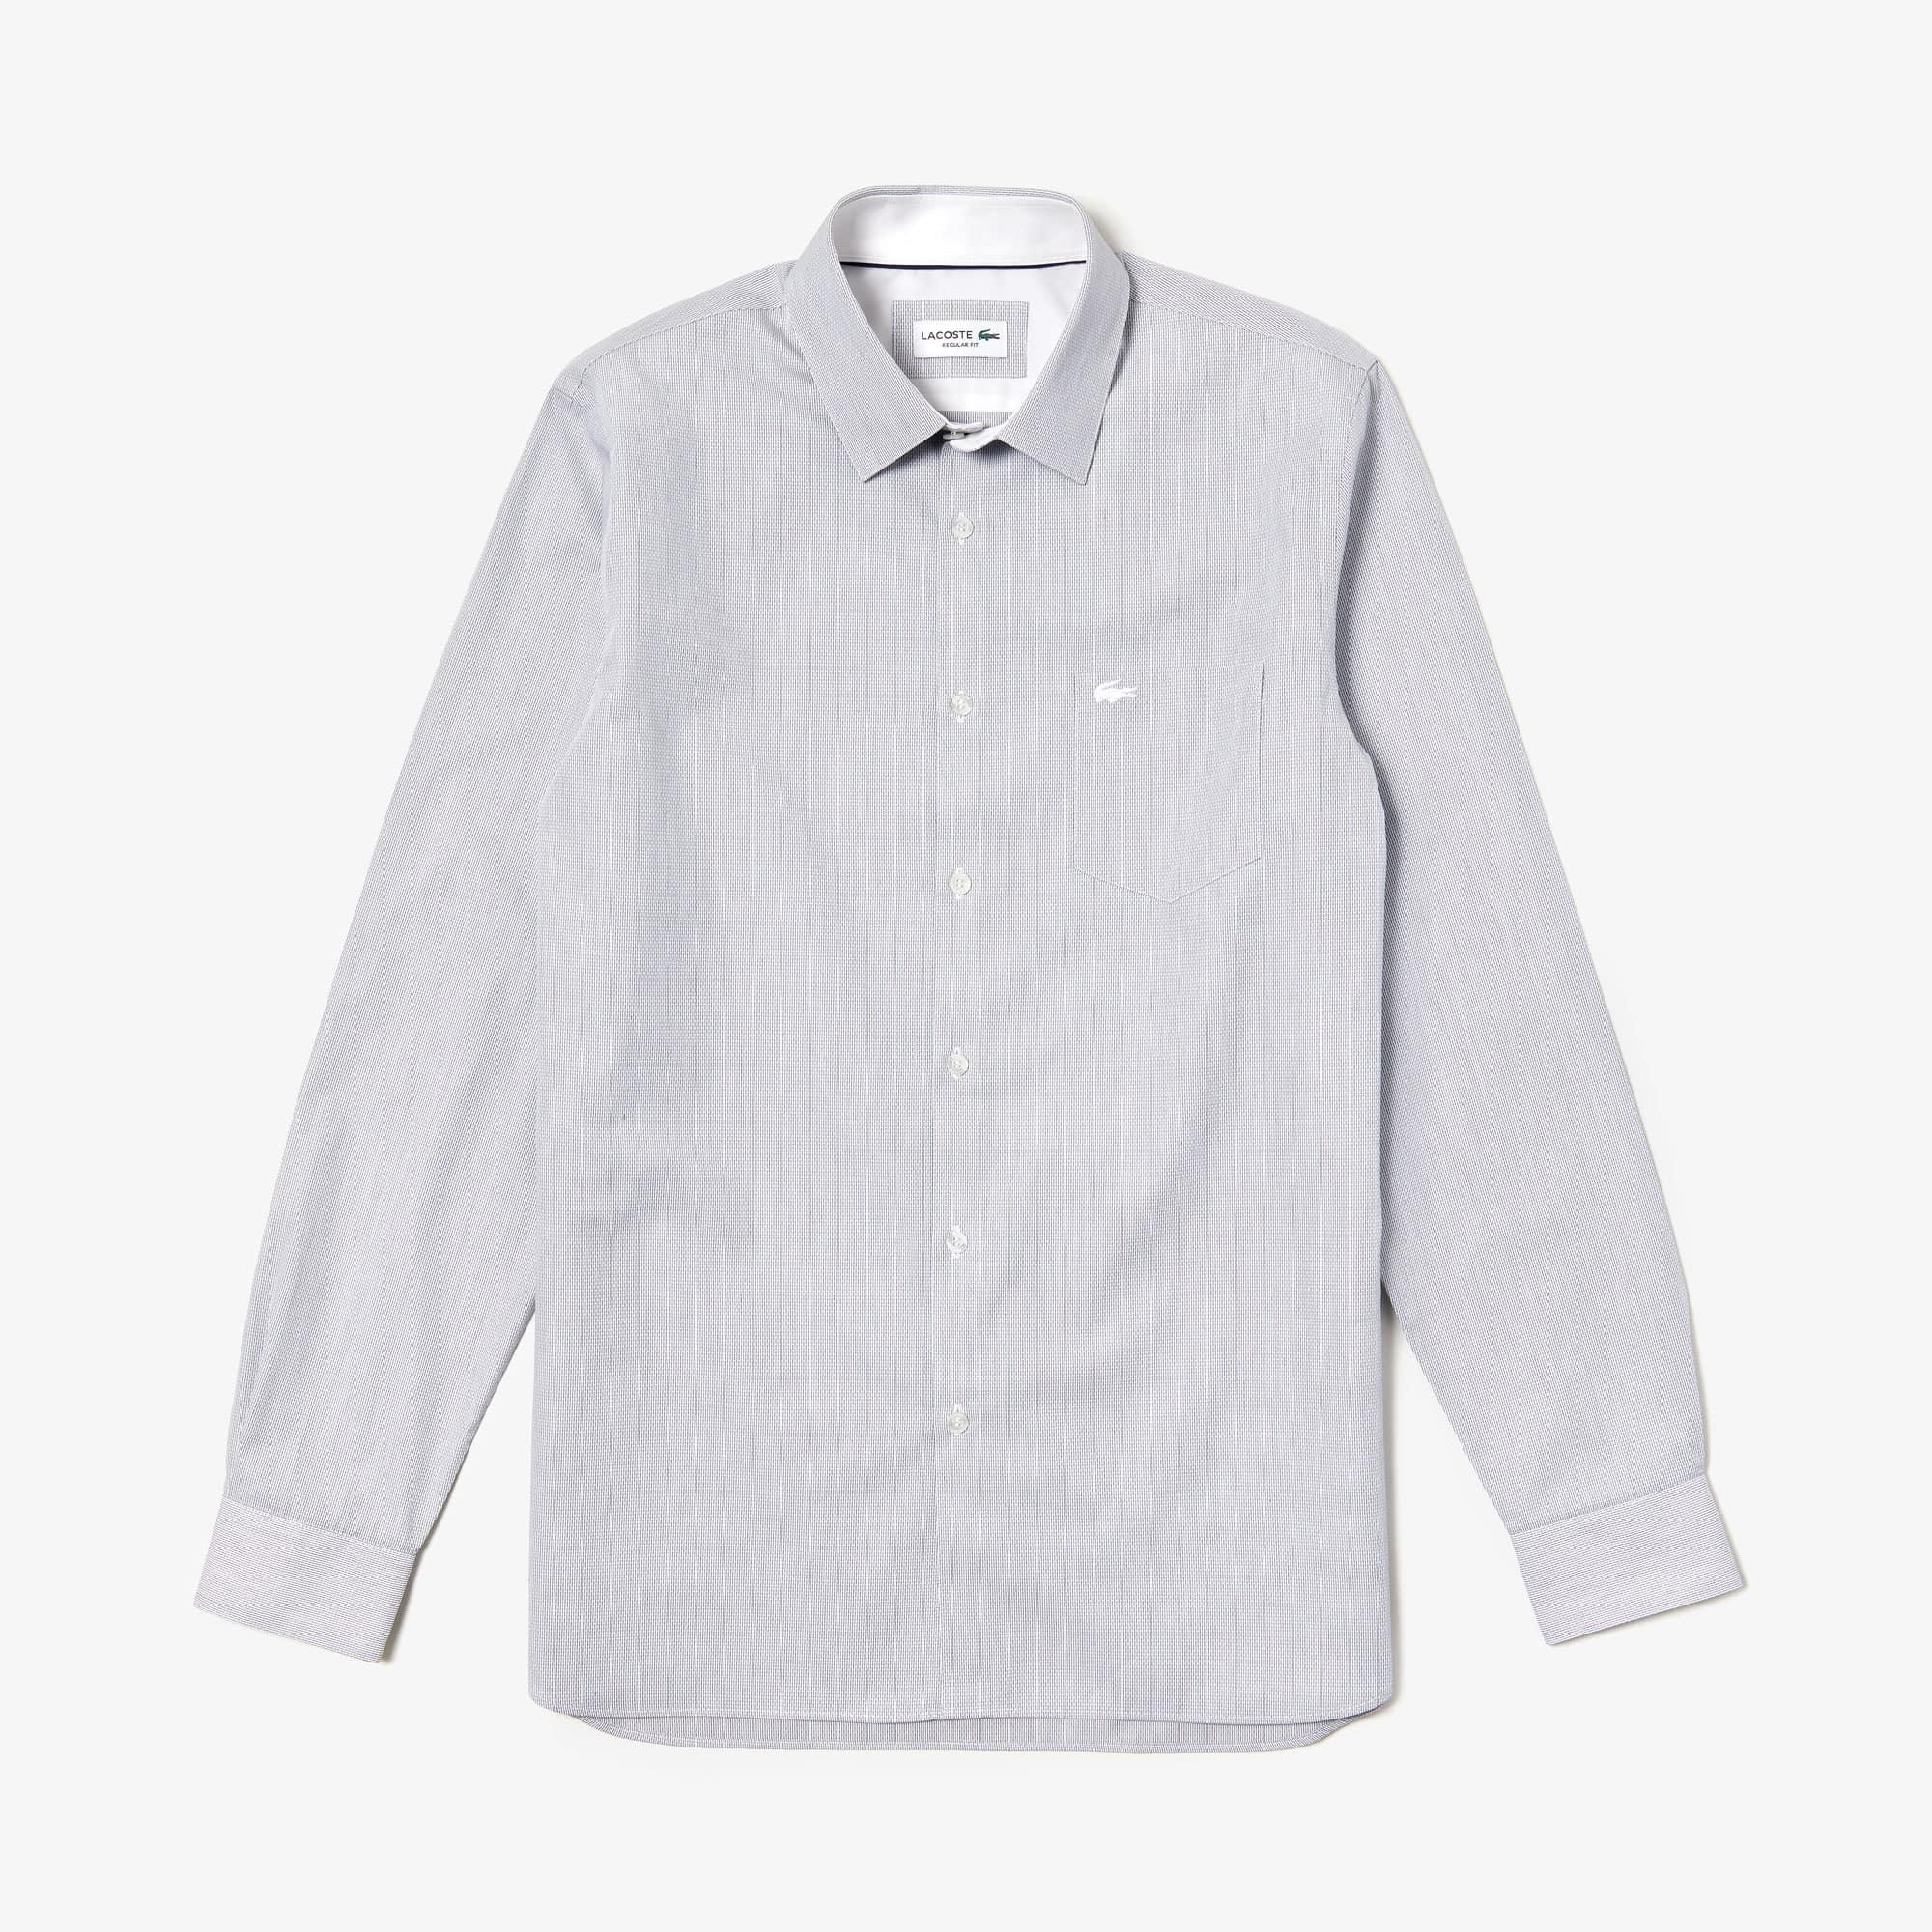 قميص للرجال ذو قصة عادية من قطن